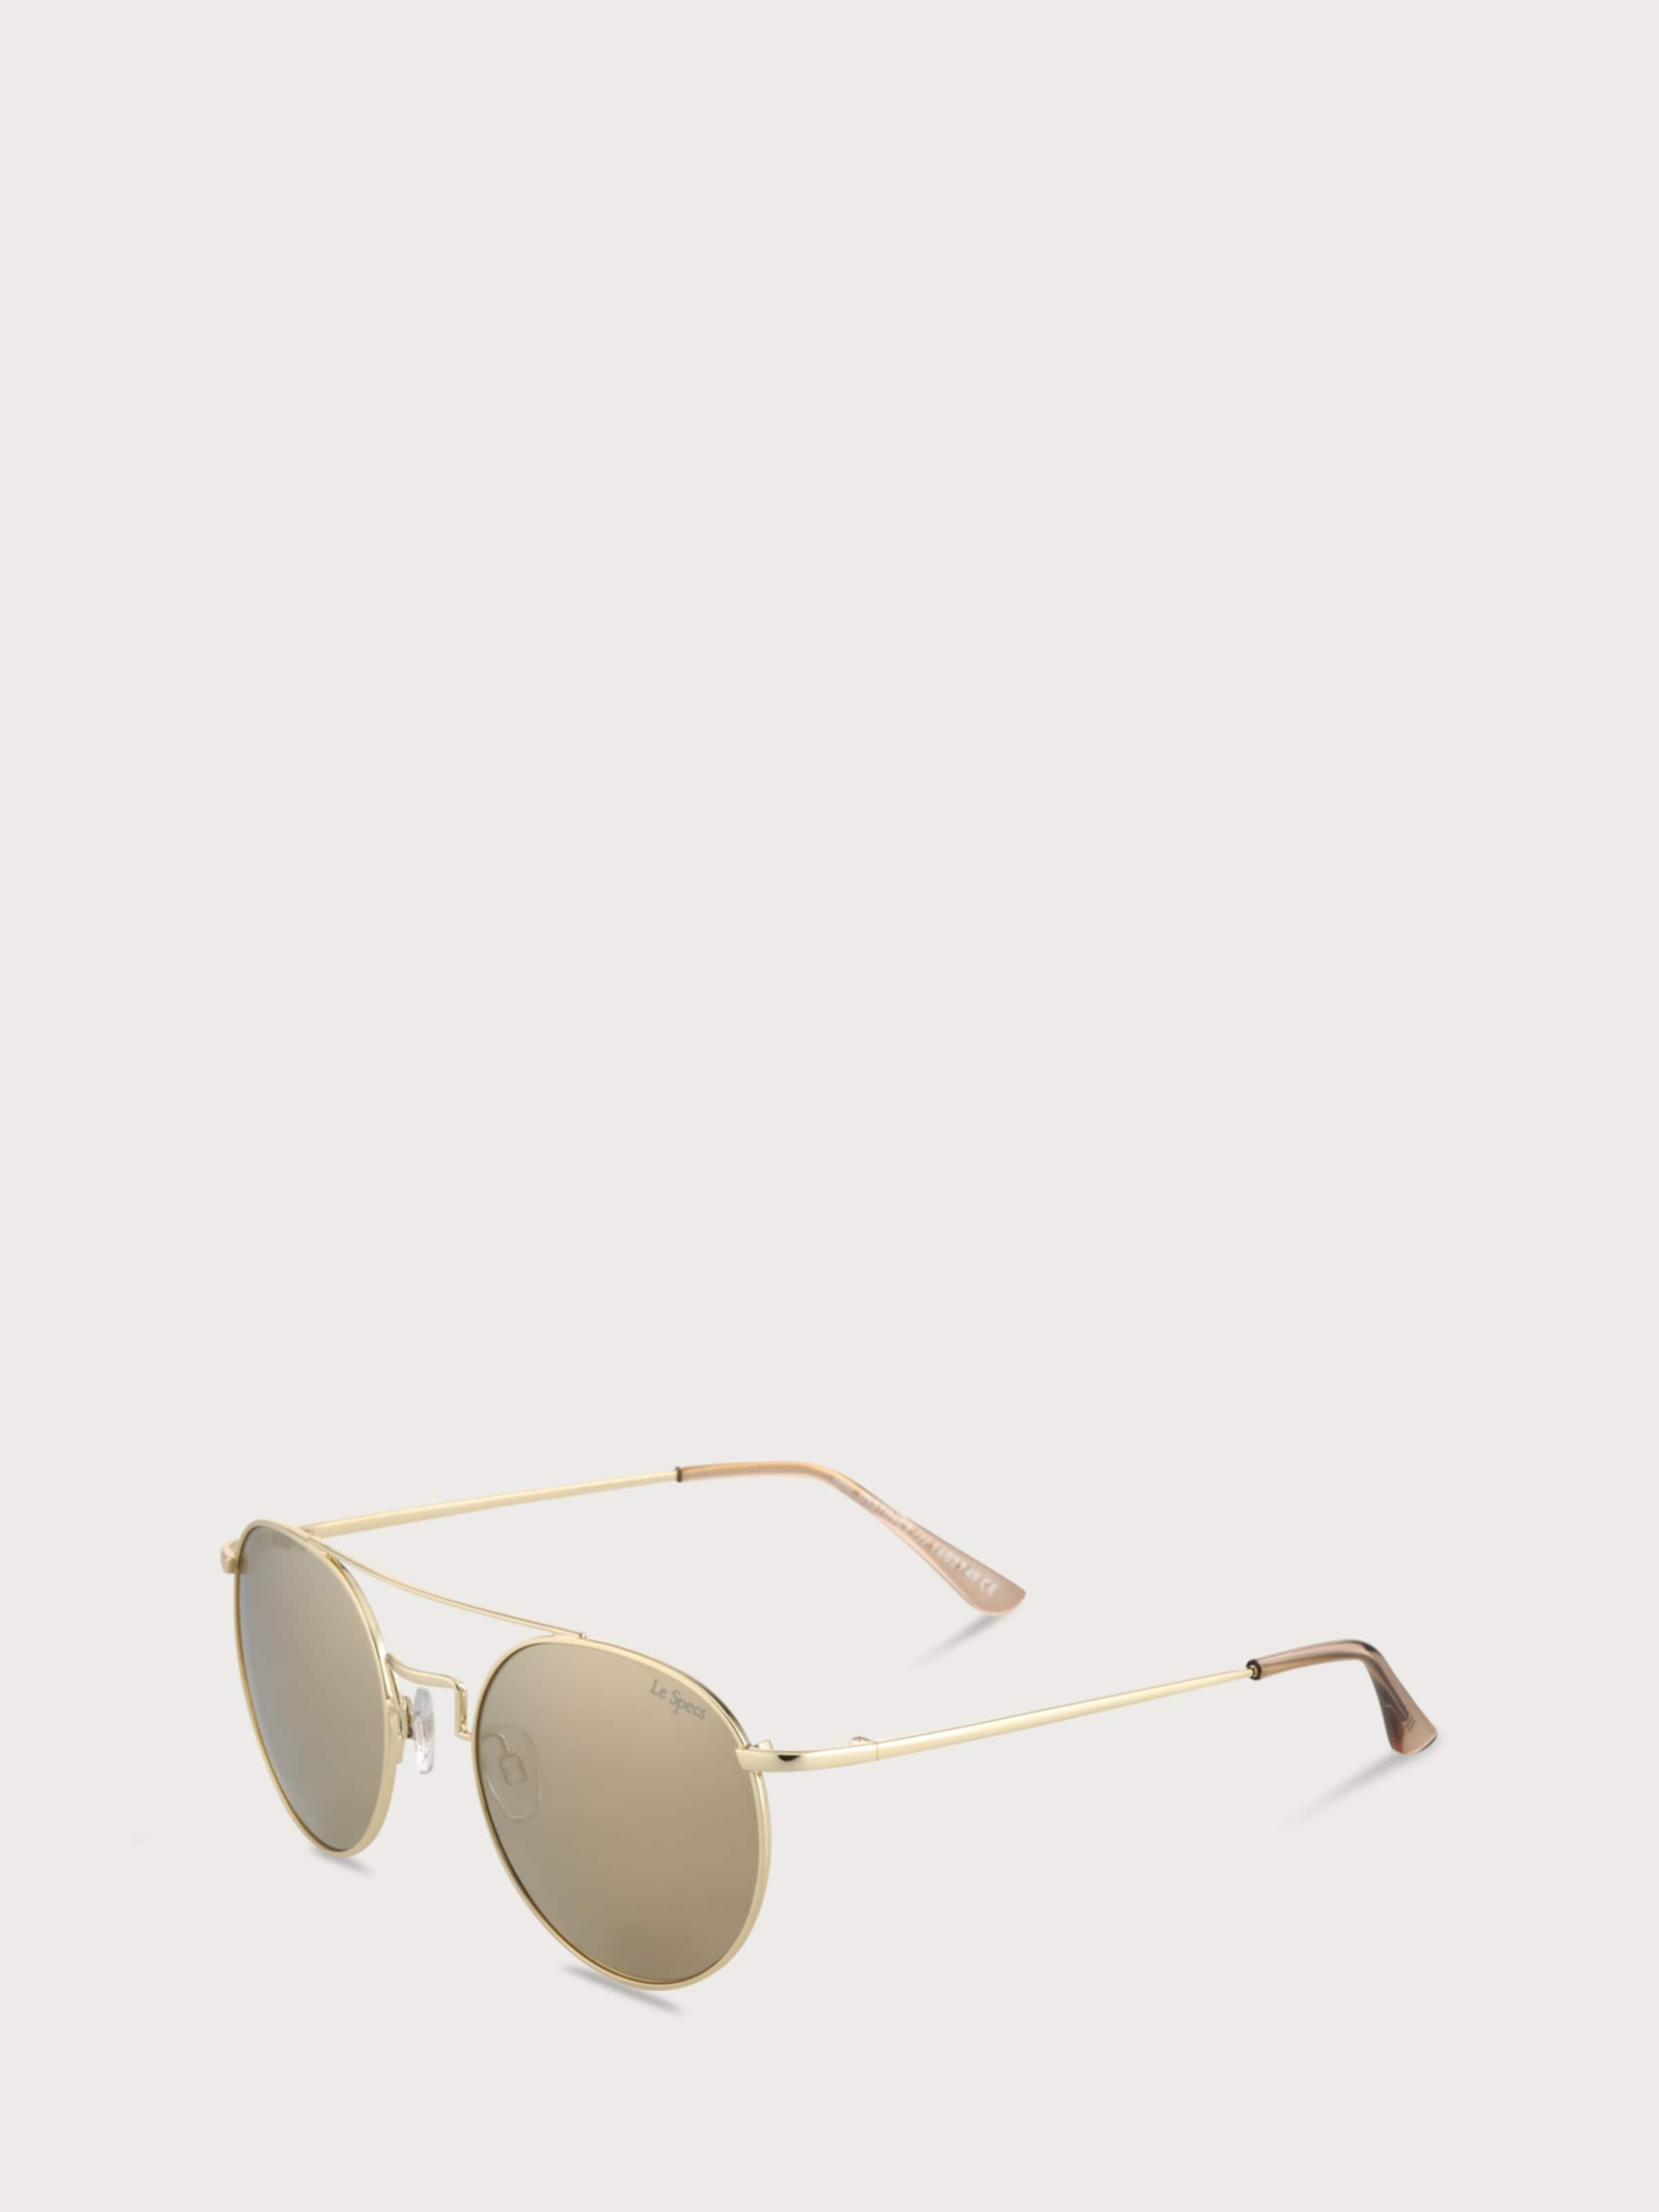 LE SPECS LE Sonnenbrille 'INSTINCT' 'INSTINCT' SPECS Sonnenbrille Sonnenbrille SPECS 'INSTINCT' LE UCwtqwd